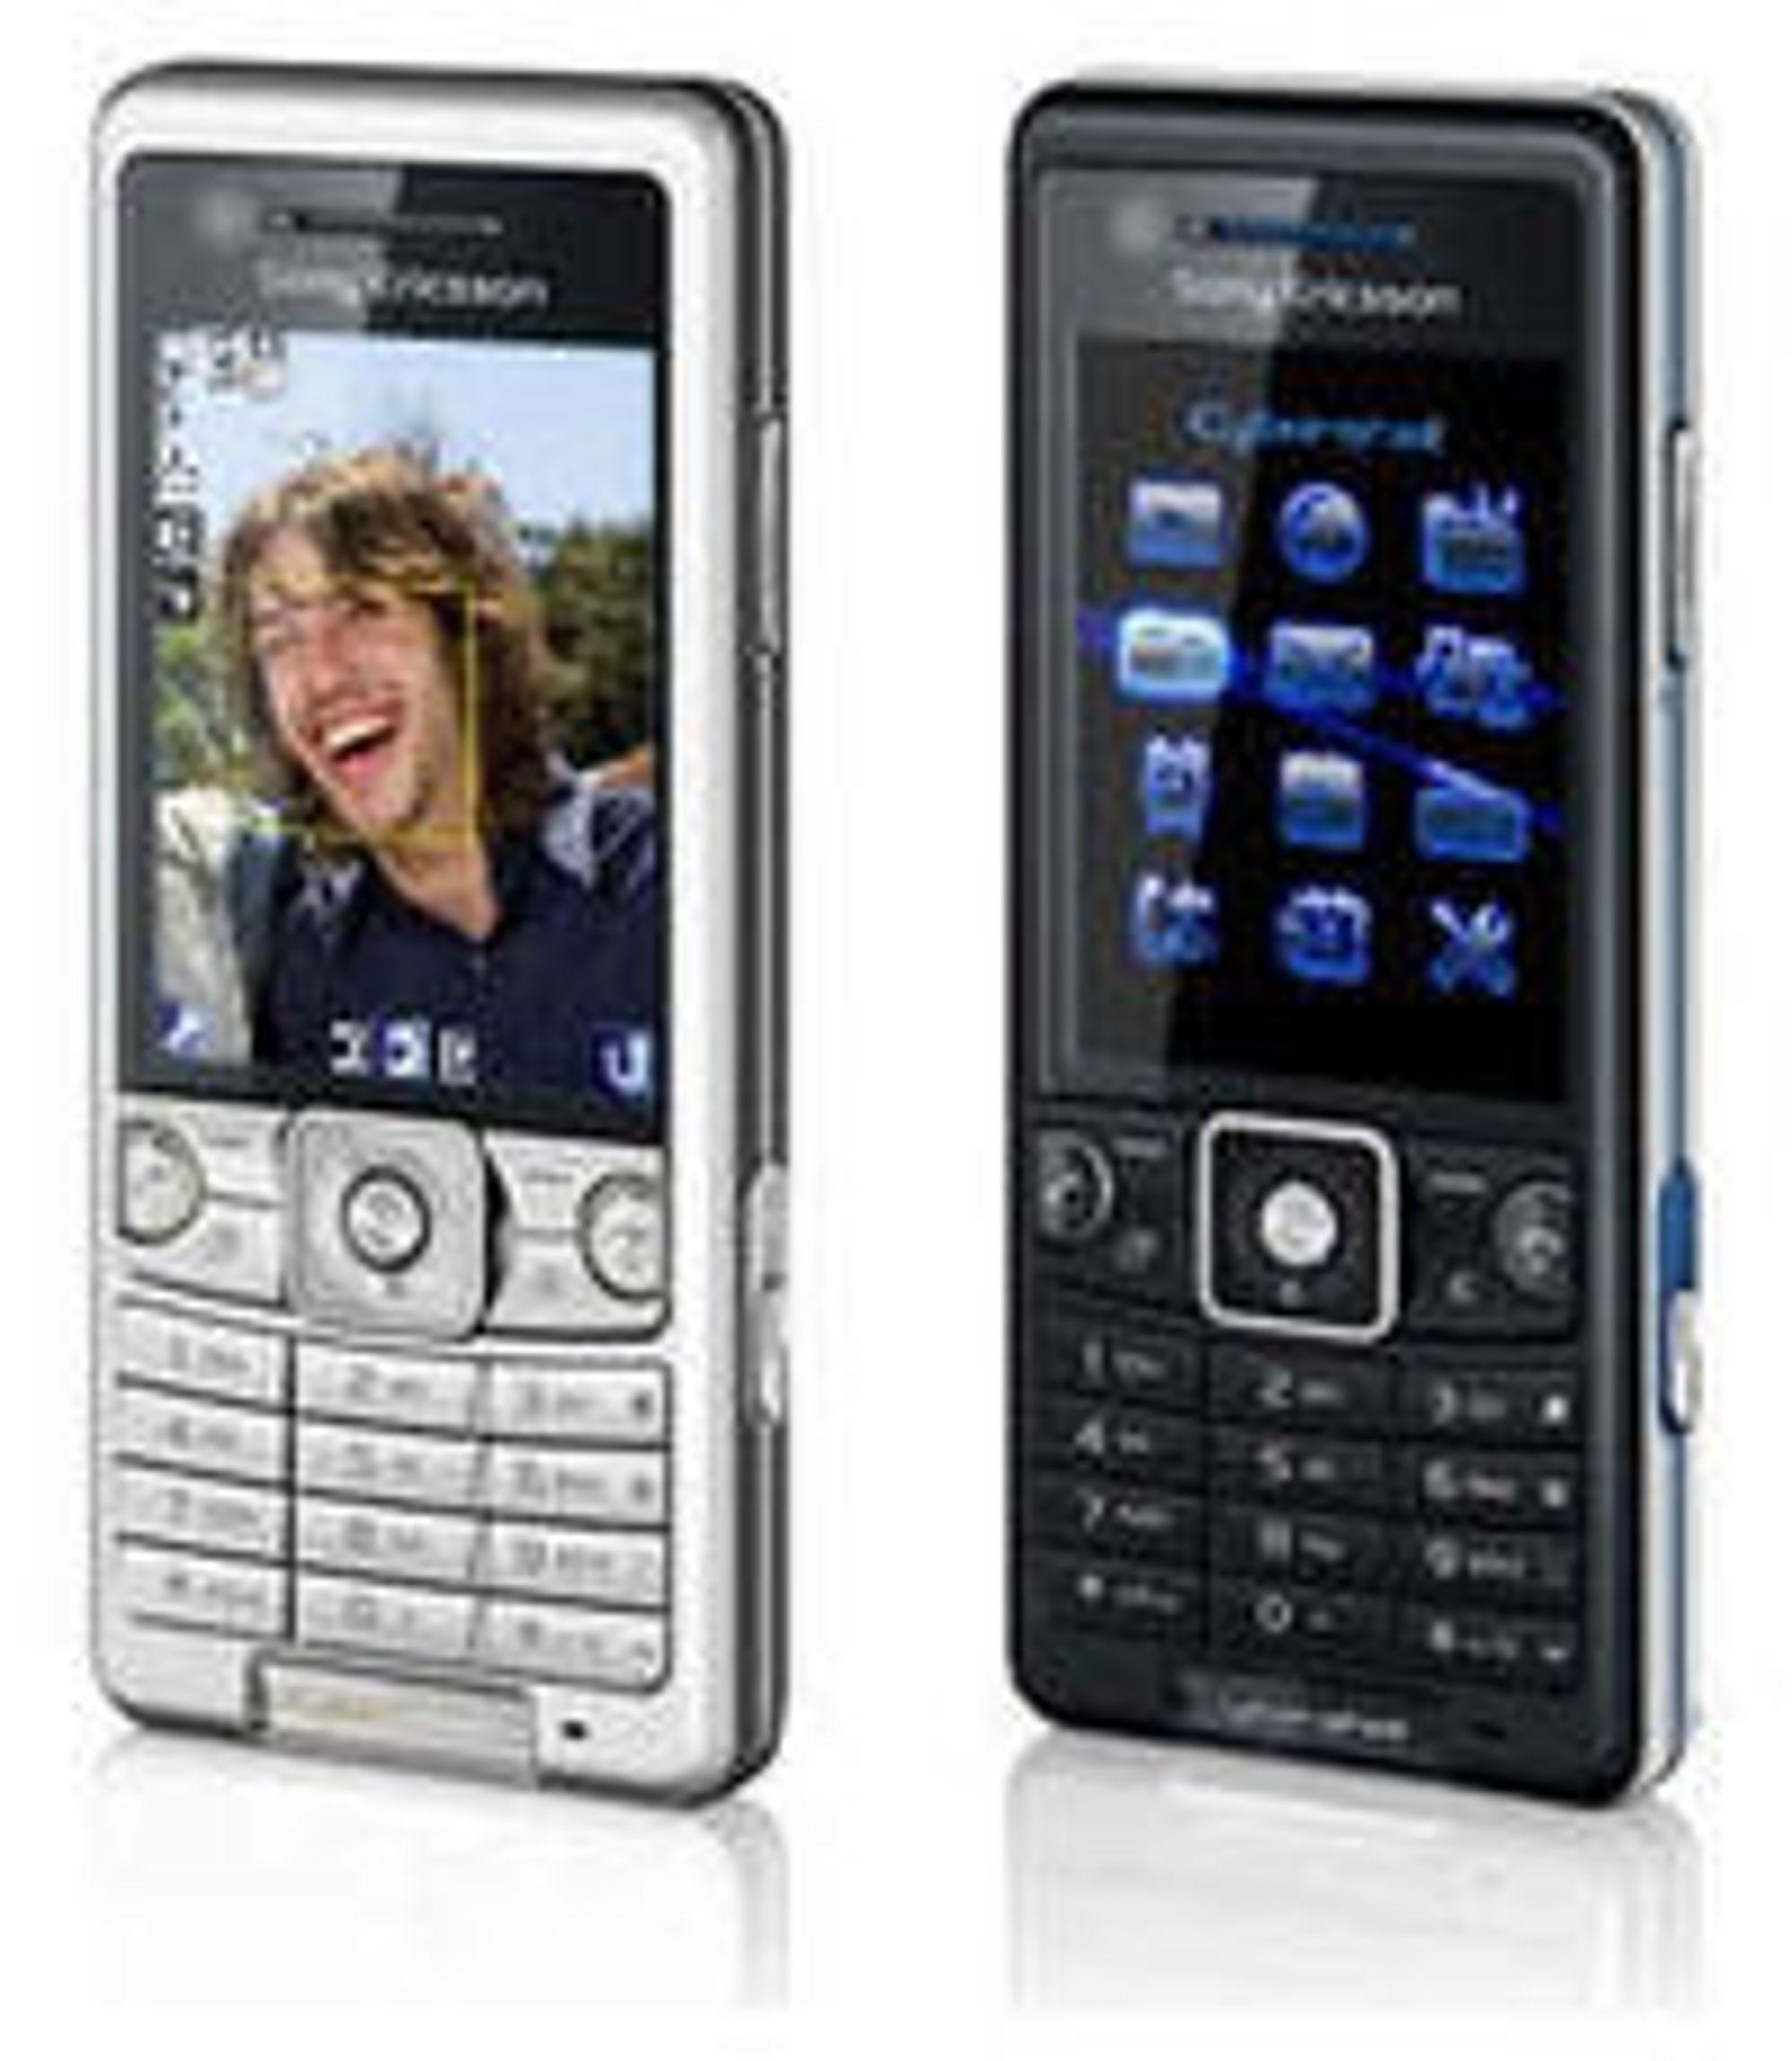 Netcom vil tilby Sony Ericsson C510 med Facebook direkte fra menyen.